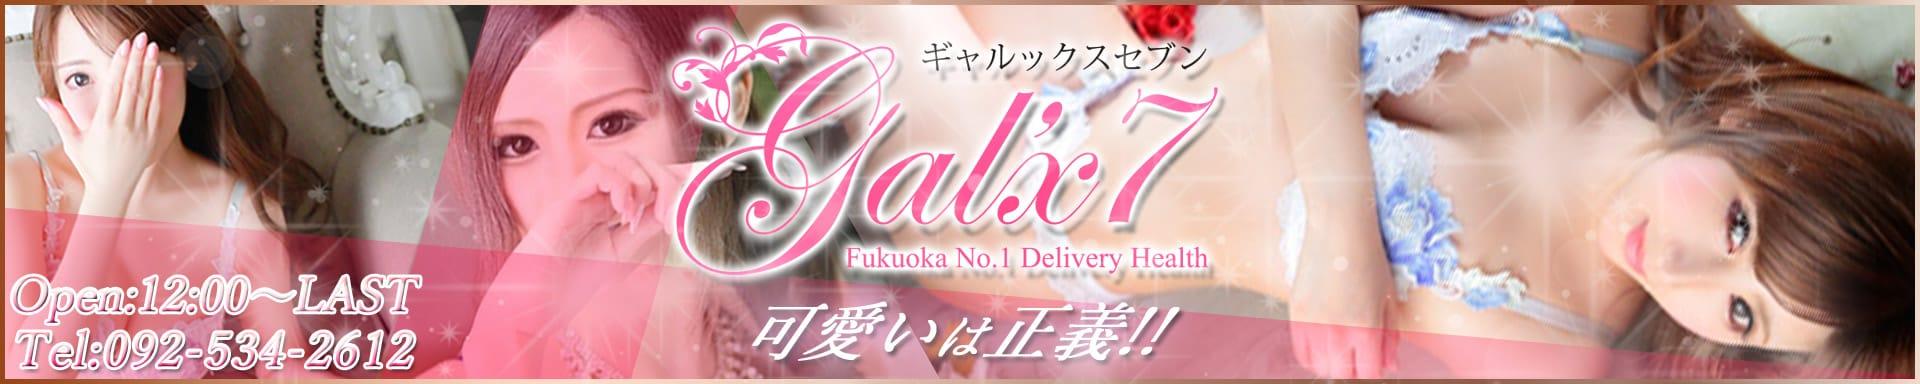 GAL'X 7 その2